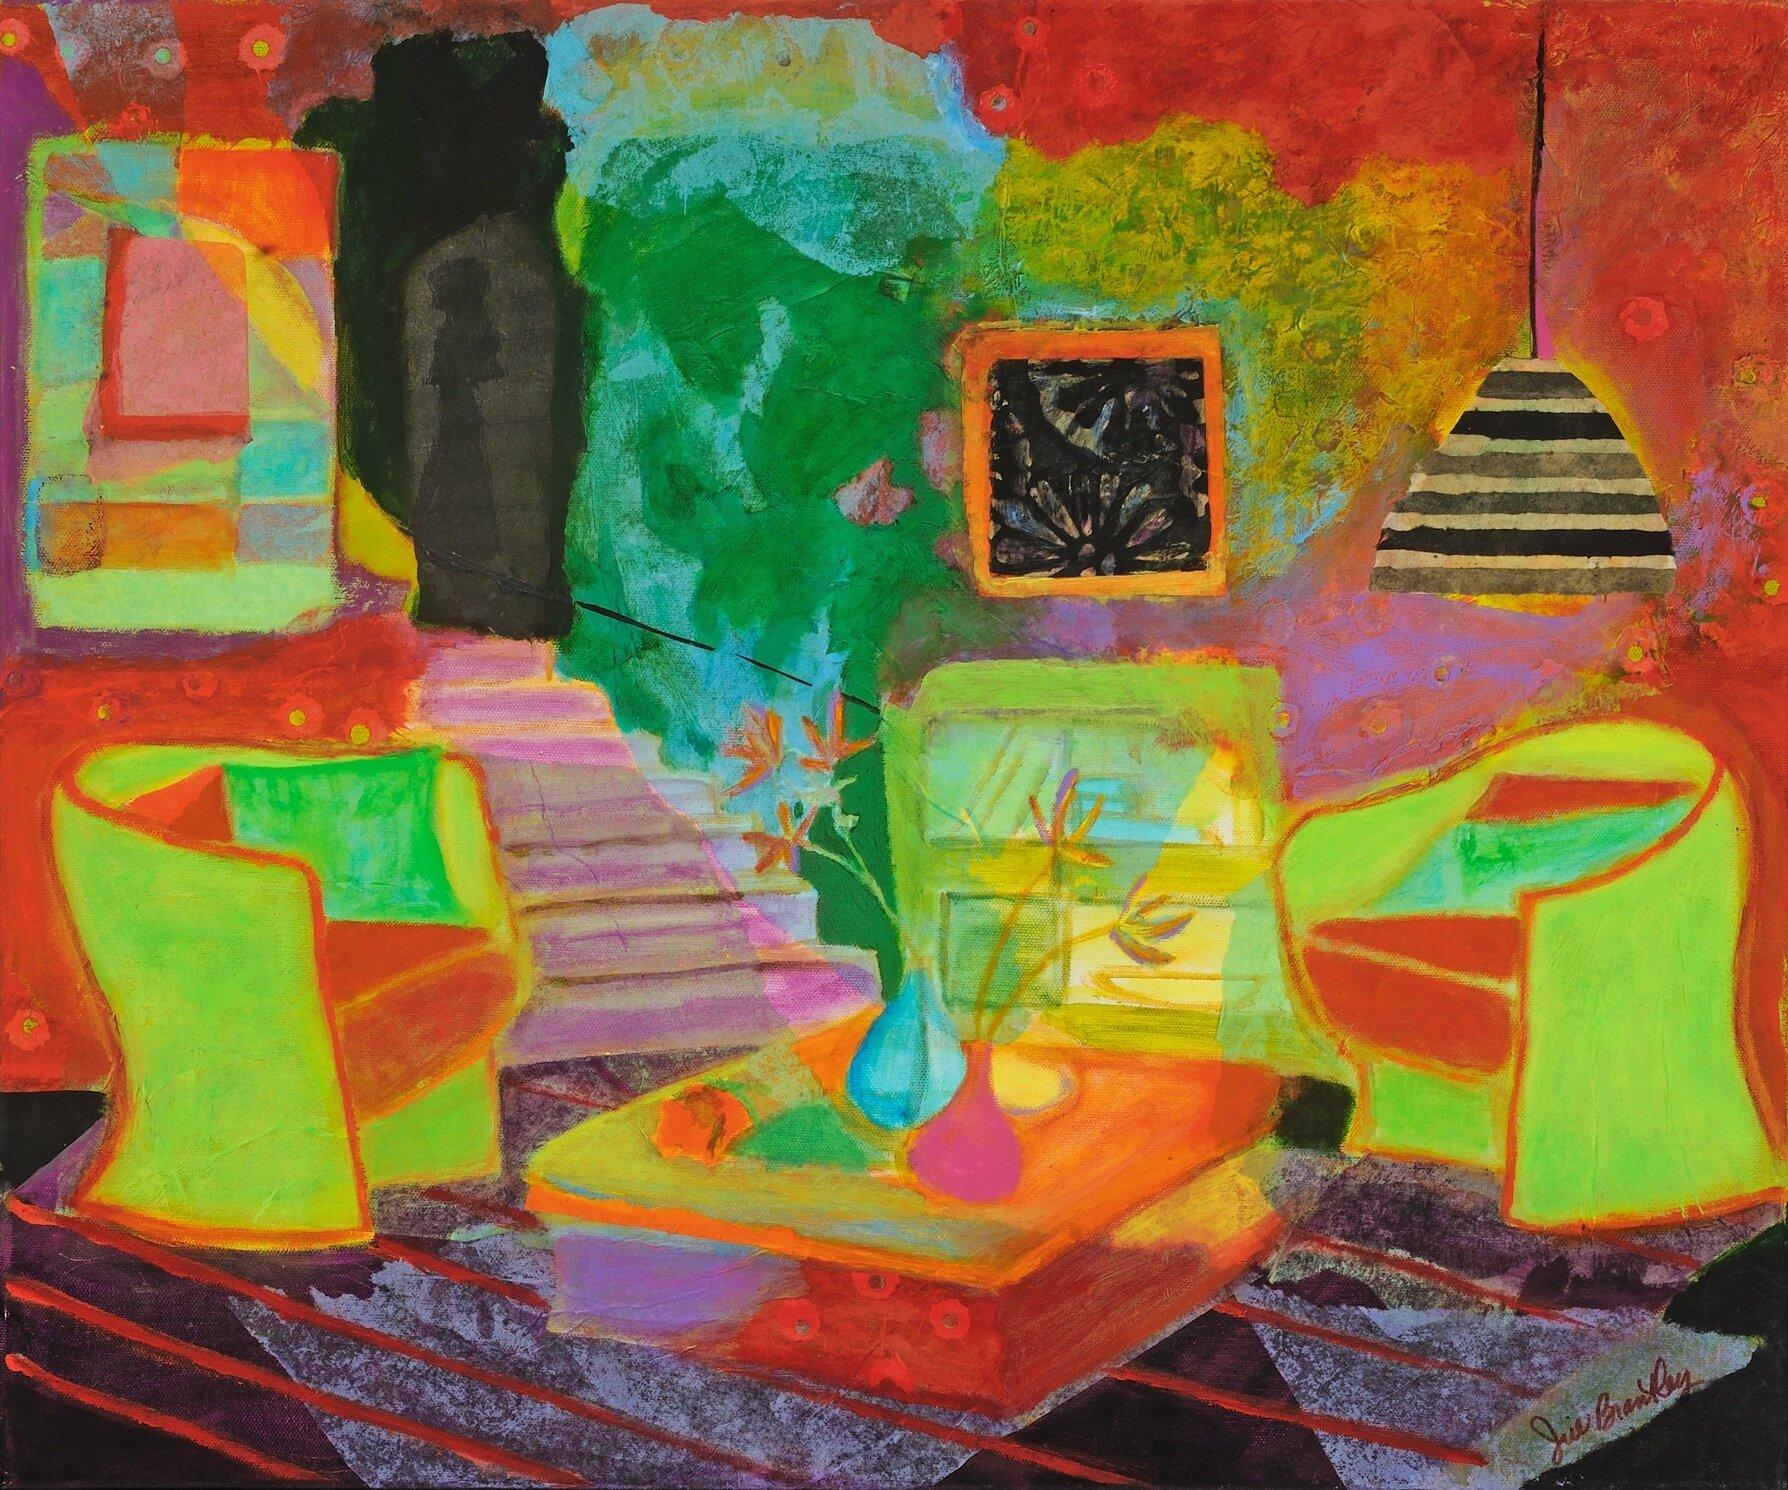 TG-JillBrantley-GreenChairs-26.5_x22.5_-MixedMediaCollage-2012-$525.jpg